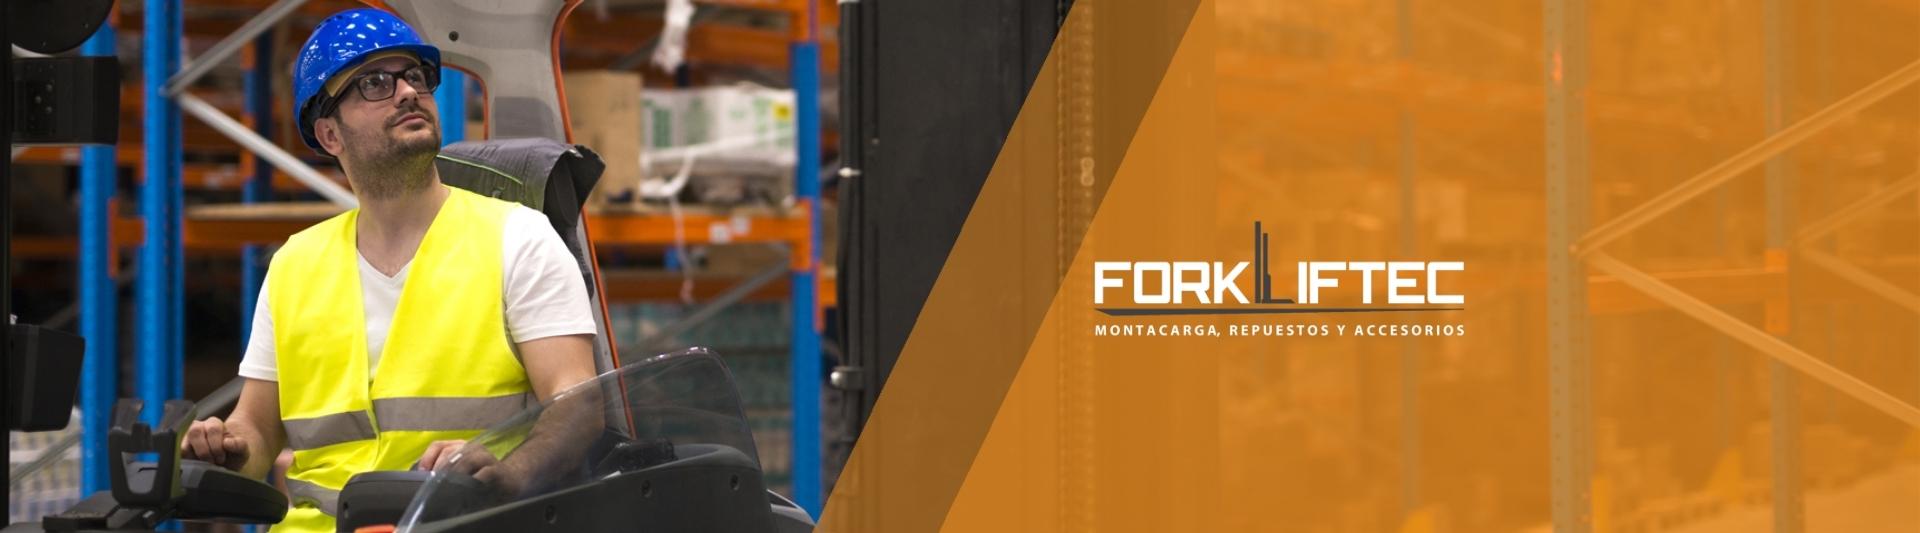 Forkliftec Montacargas Repuestos Accesorios Panamá